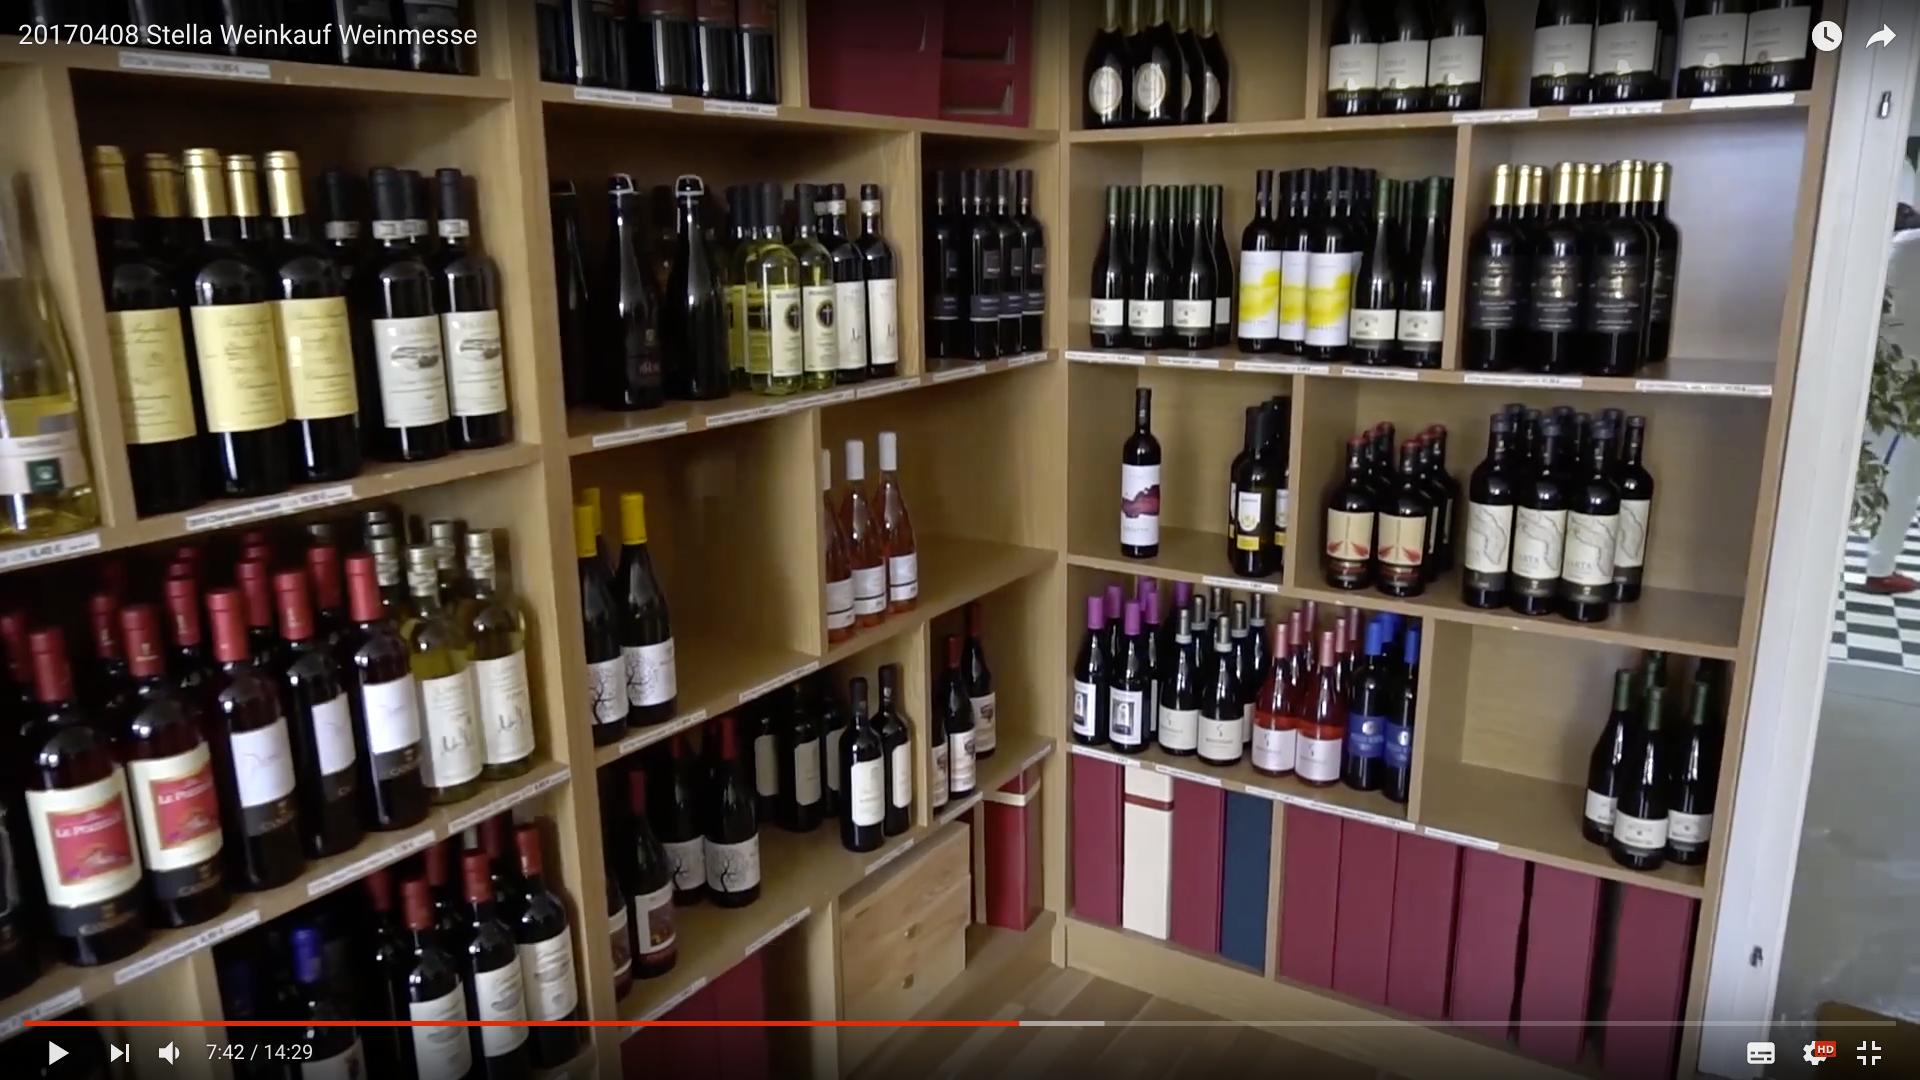 2017 Stella Weinkauff Weine Weinmesse_MSM_MEDIEN_SAAR_MOSEL_SAARLAND_FERNSEHEN_1_ED_SAAR